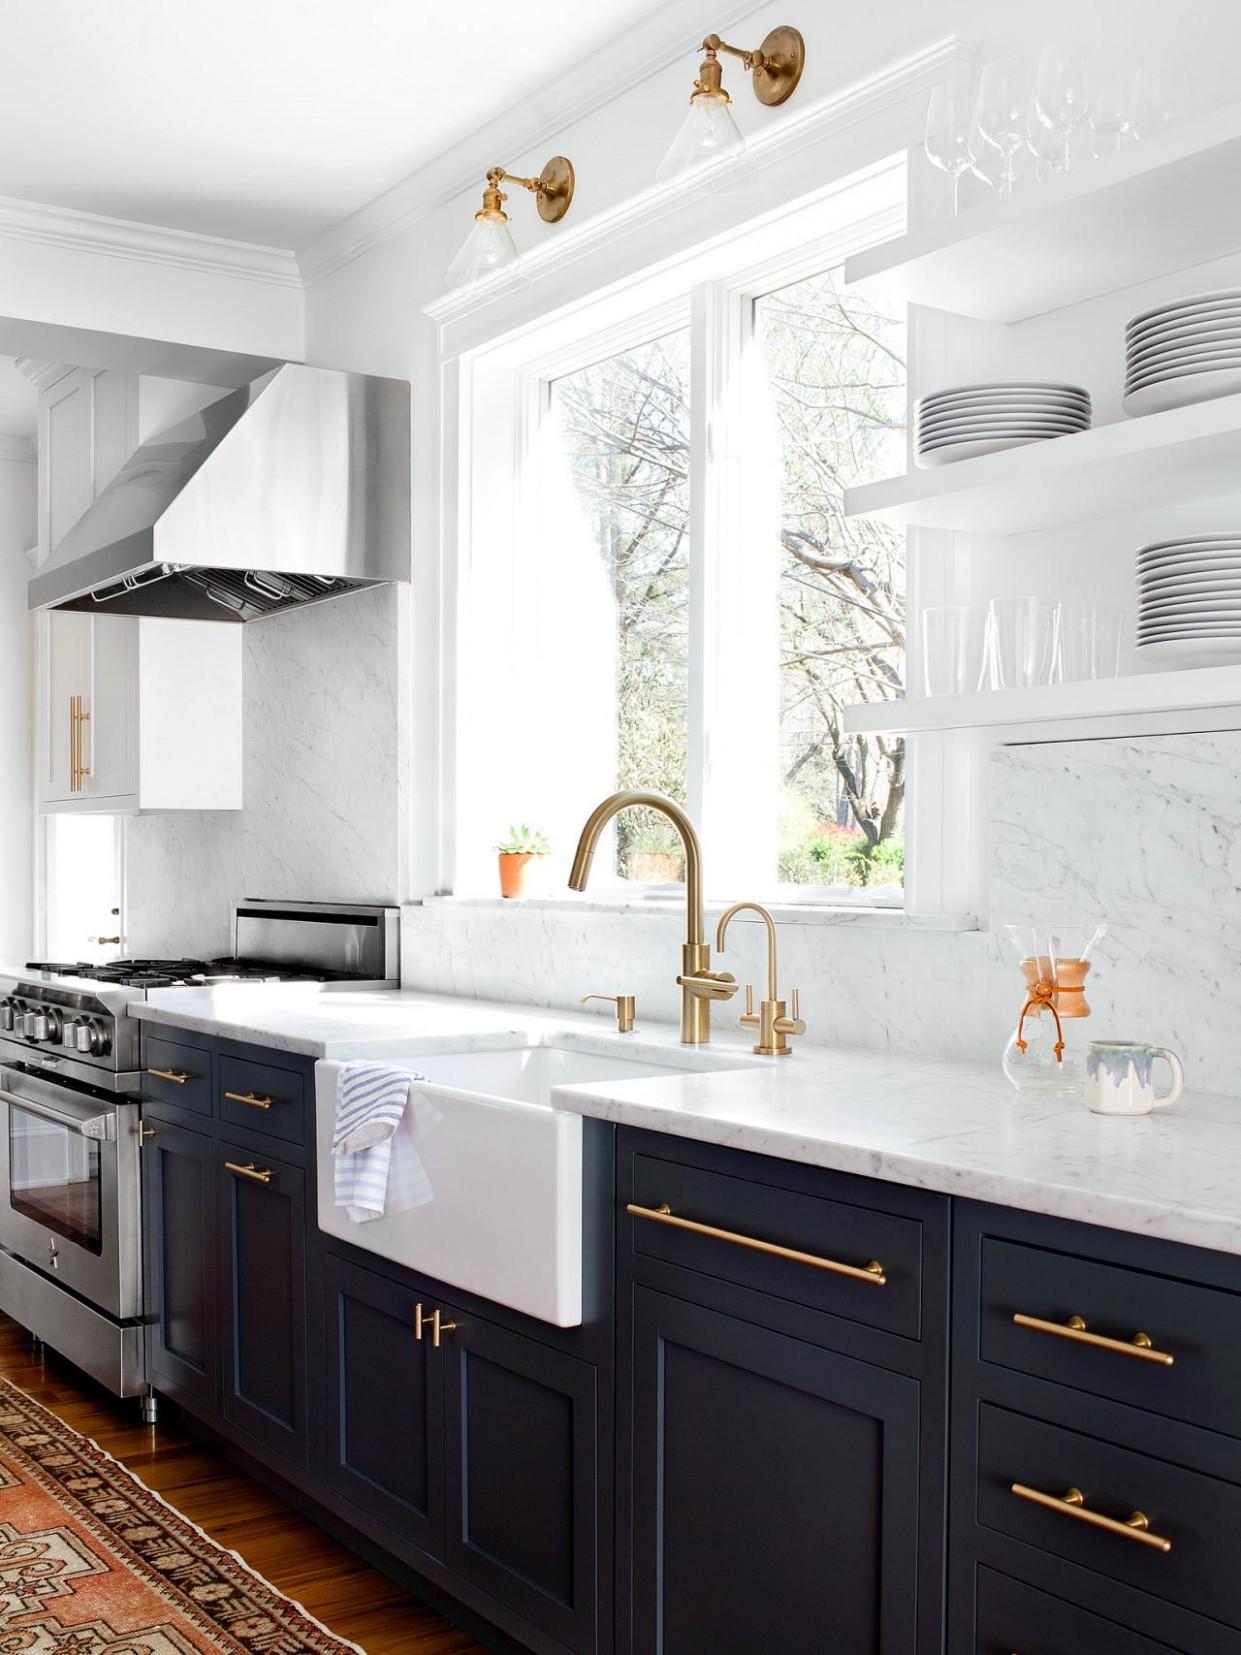 10 Gorgeous Kitchen Cabinet Hardware Ideas  HGTV - Best Kitchen Cabinet Handles